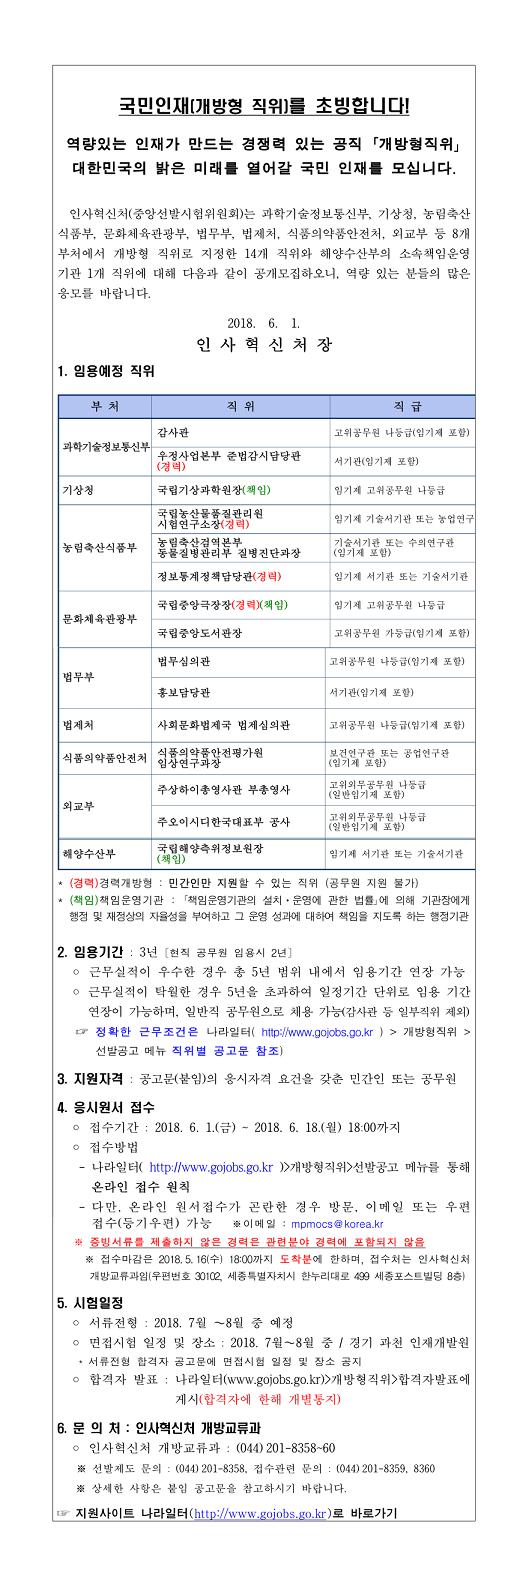 1. 개방형 직위 공개모집 안내(2018년 6월 공고)-1.jpg